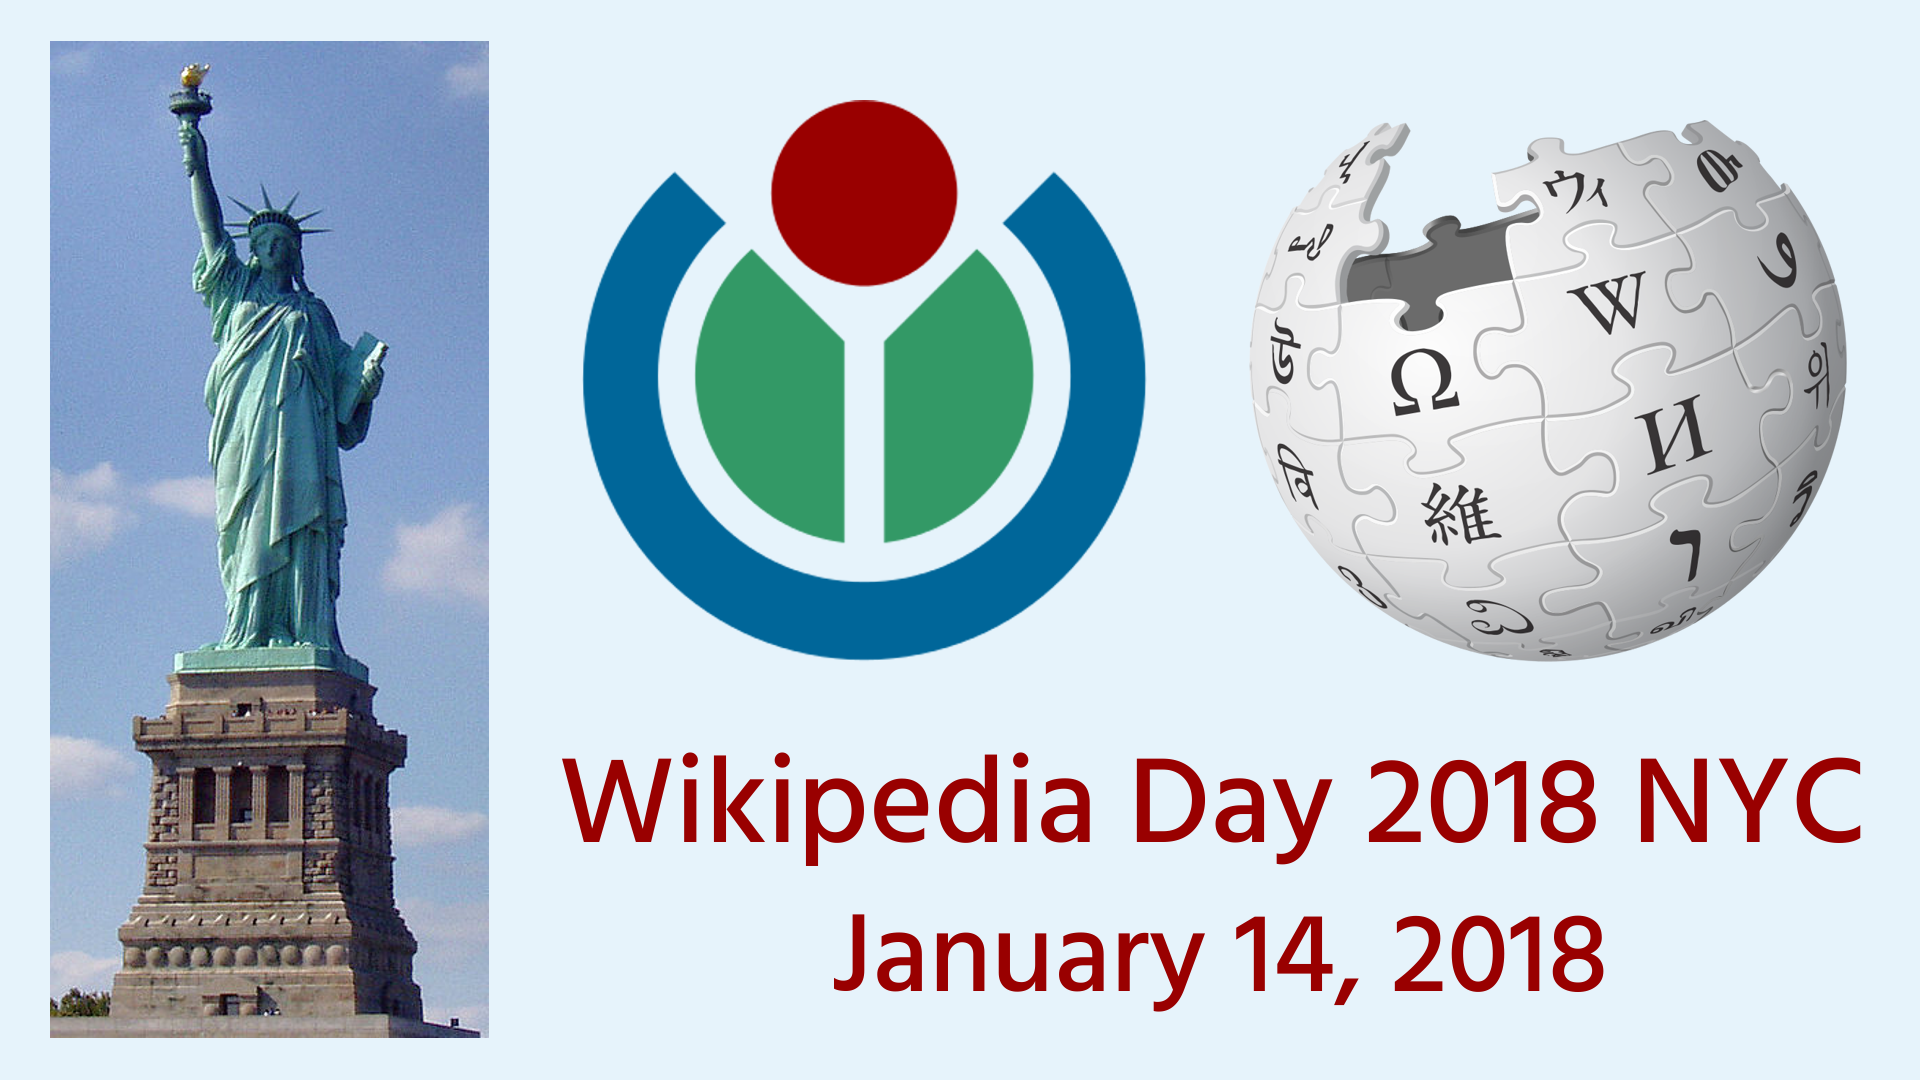 День Википедии в 2018 году